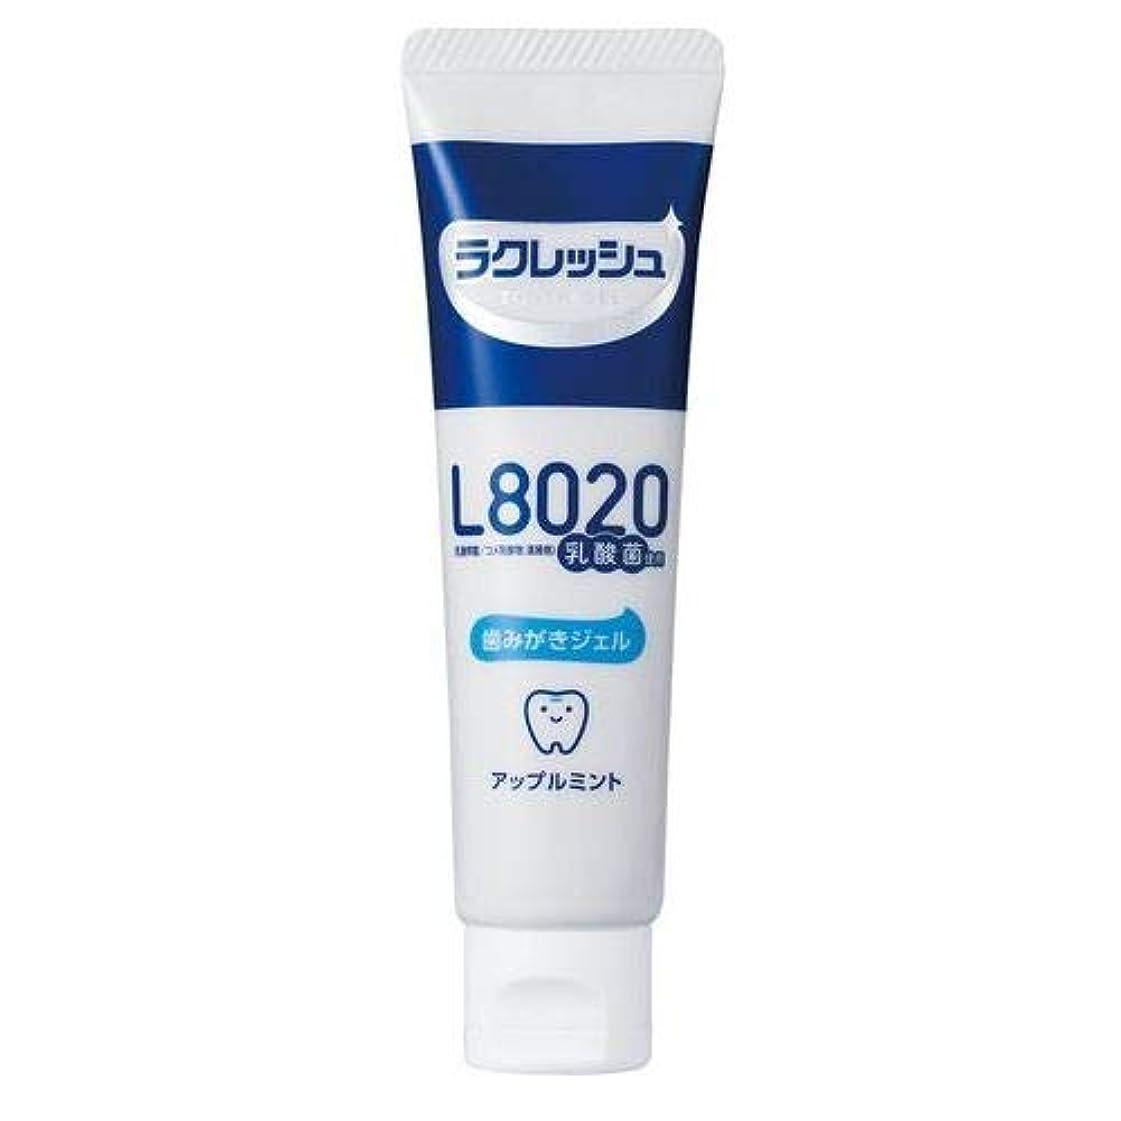 現代後悔ルーチン【50個セット】L8020乳酸菌 ラクレッシュ 歯みがきジェル 994918